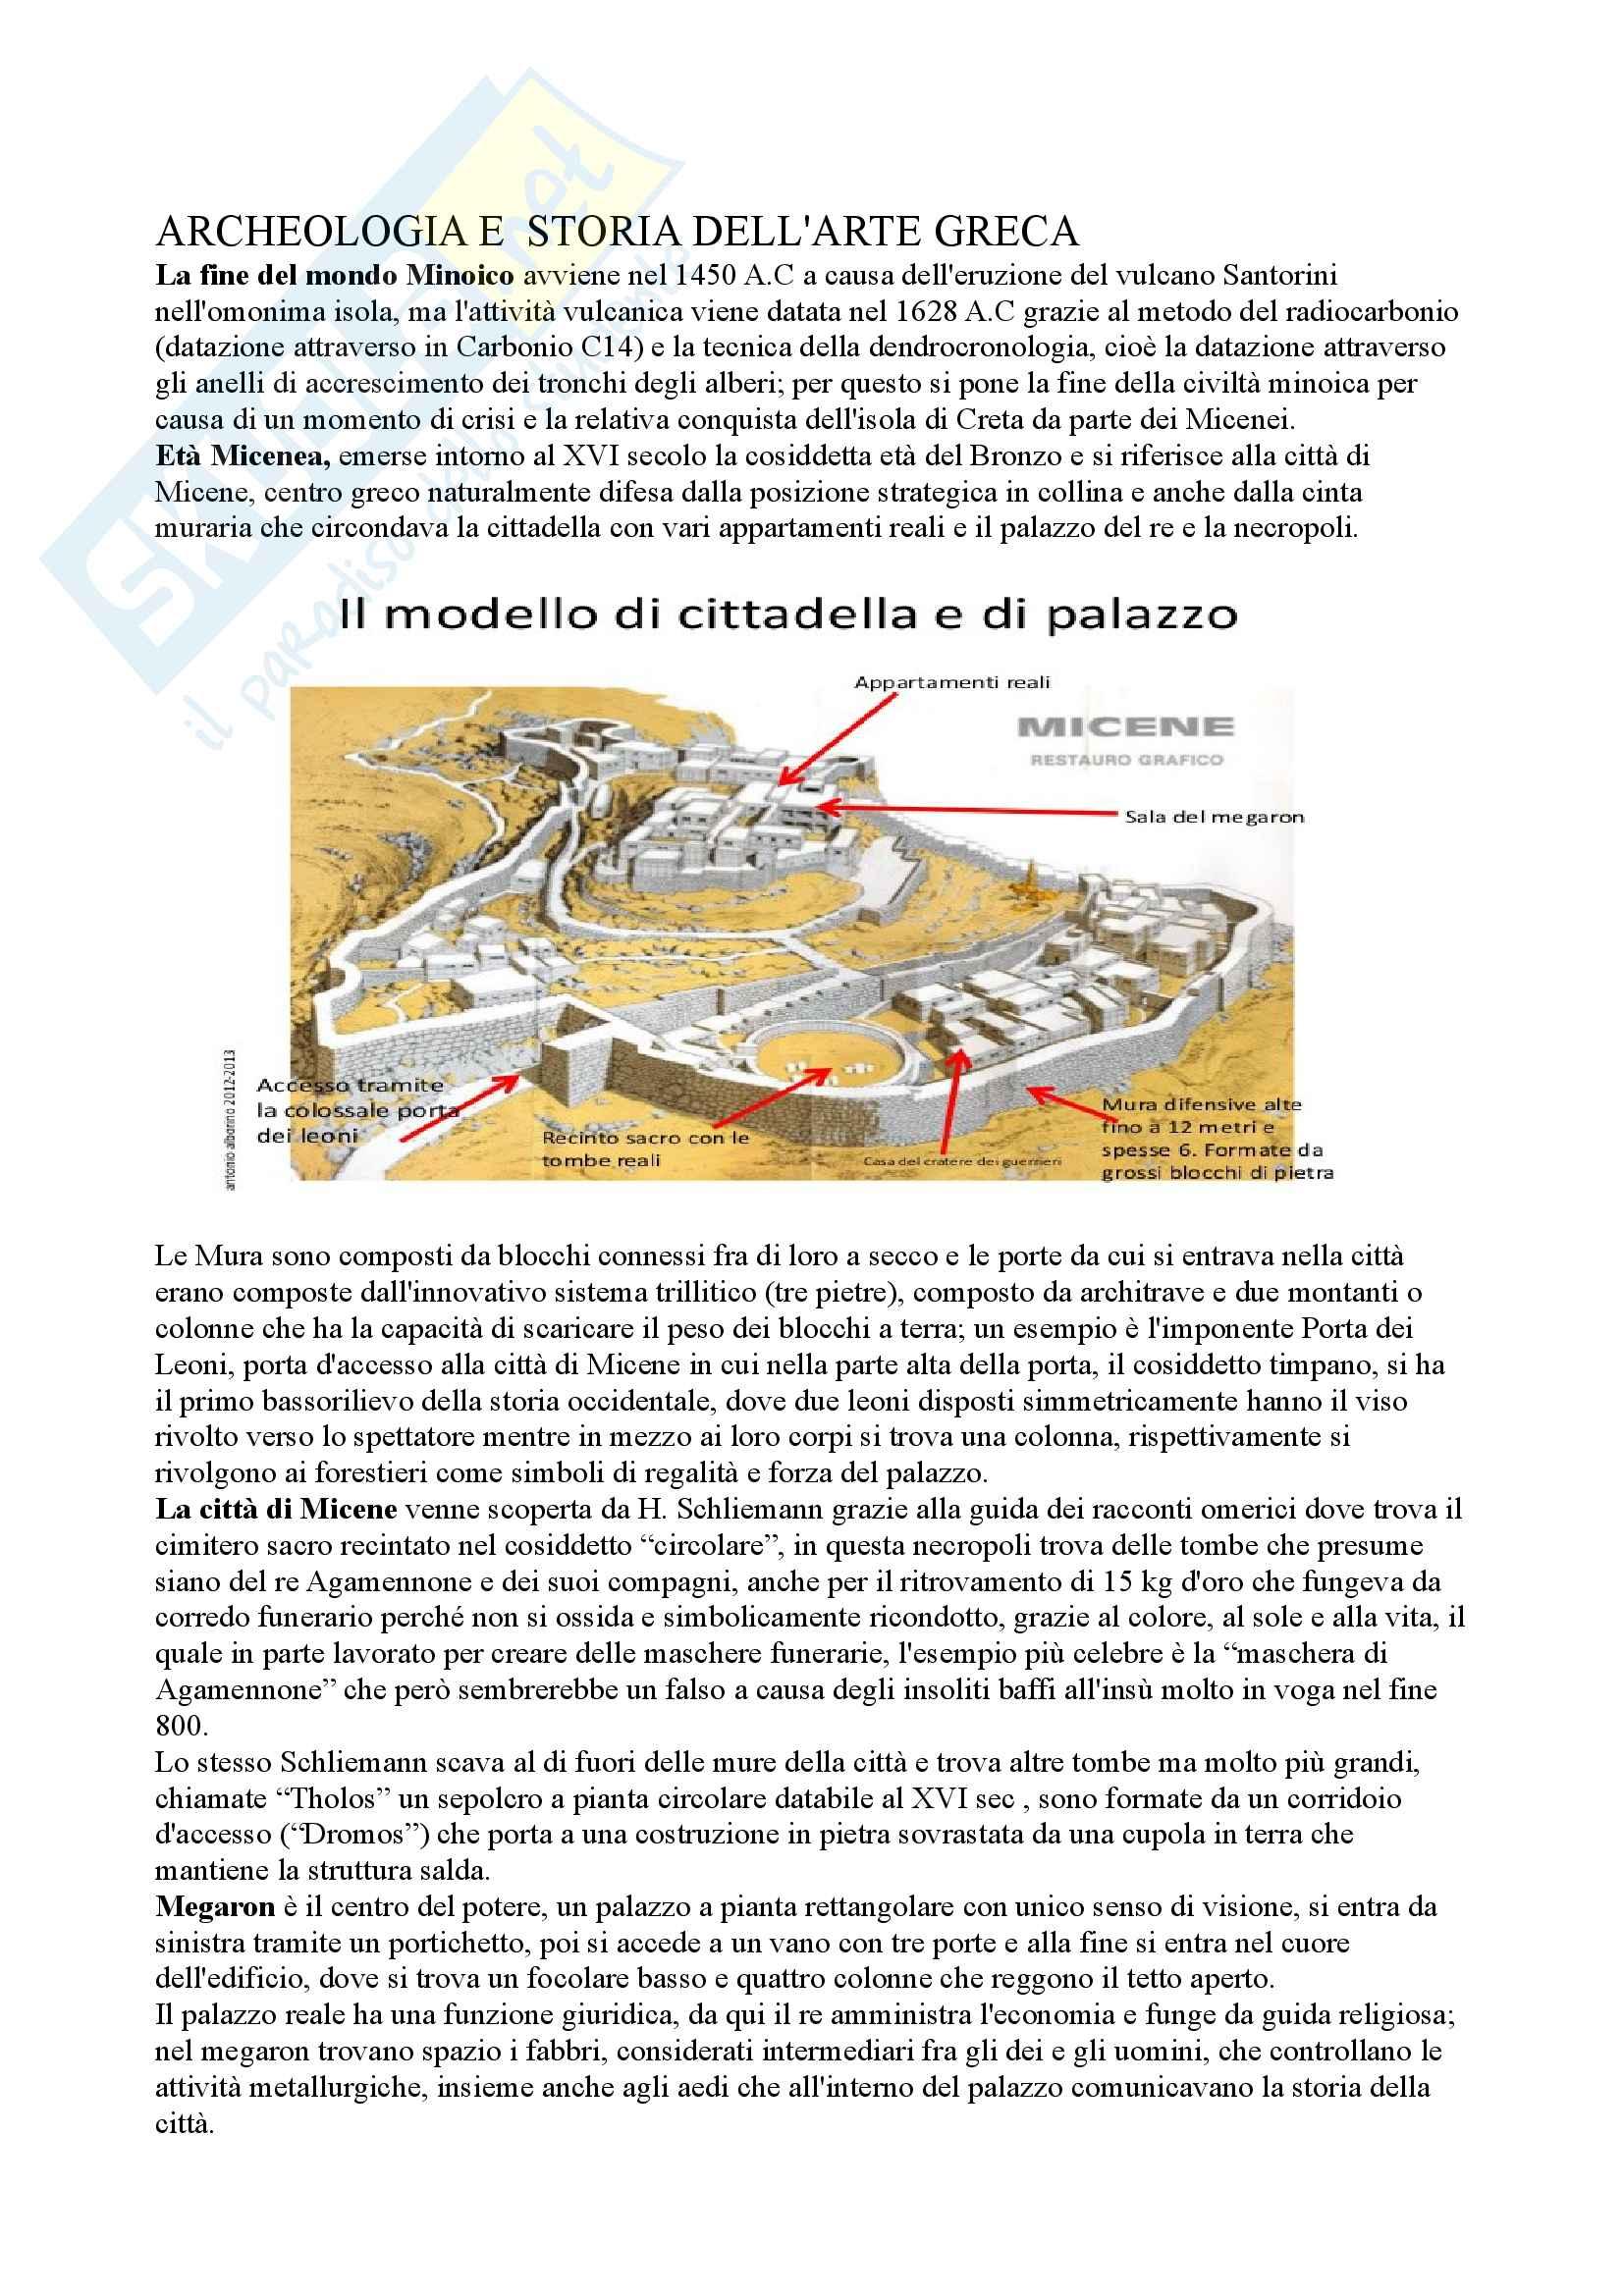 Appunti civiltà Minoica e scultura greca